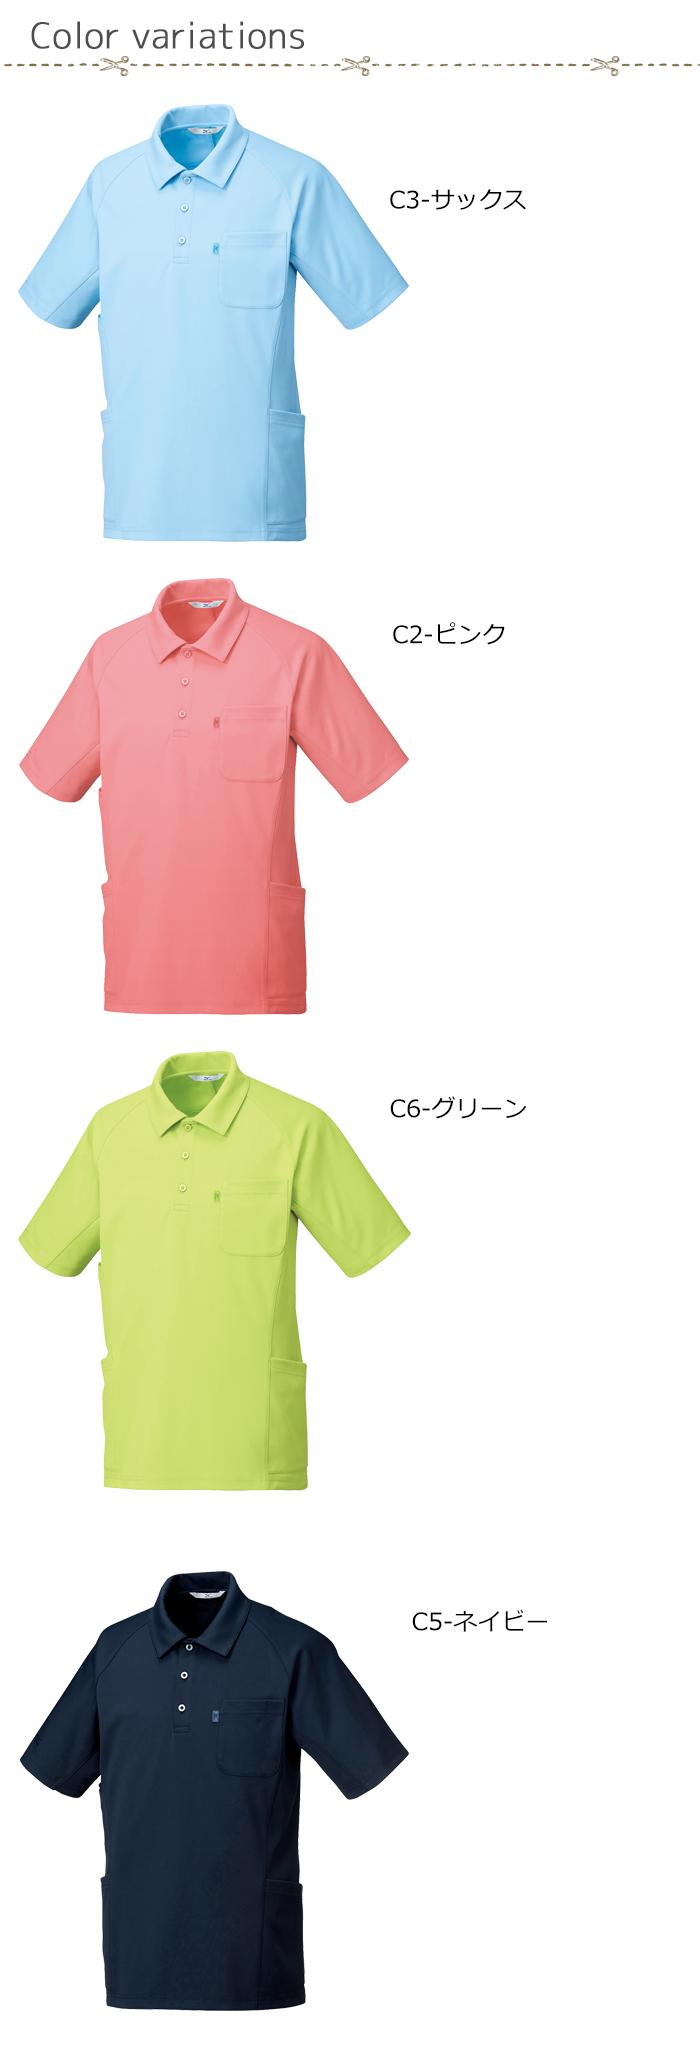 MZ0172 ニットシャツ 色展開画像